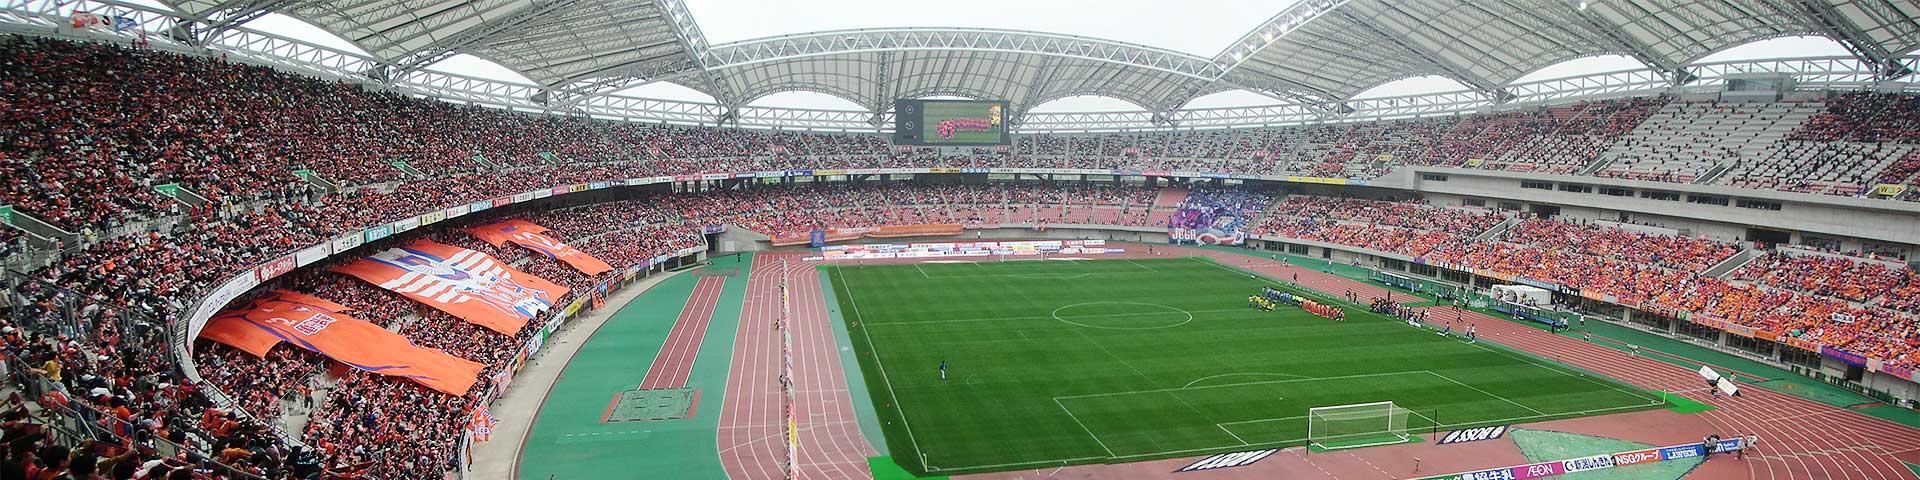 新潟スタジアムのビックユニフォーム